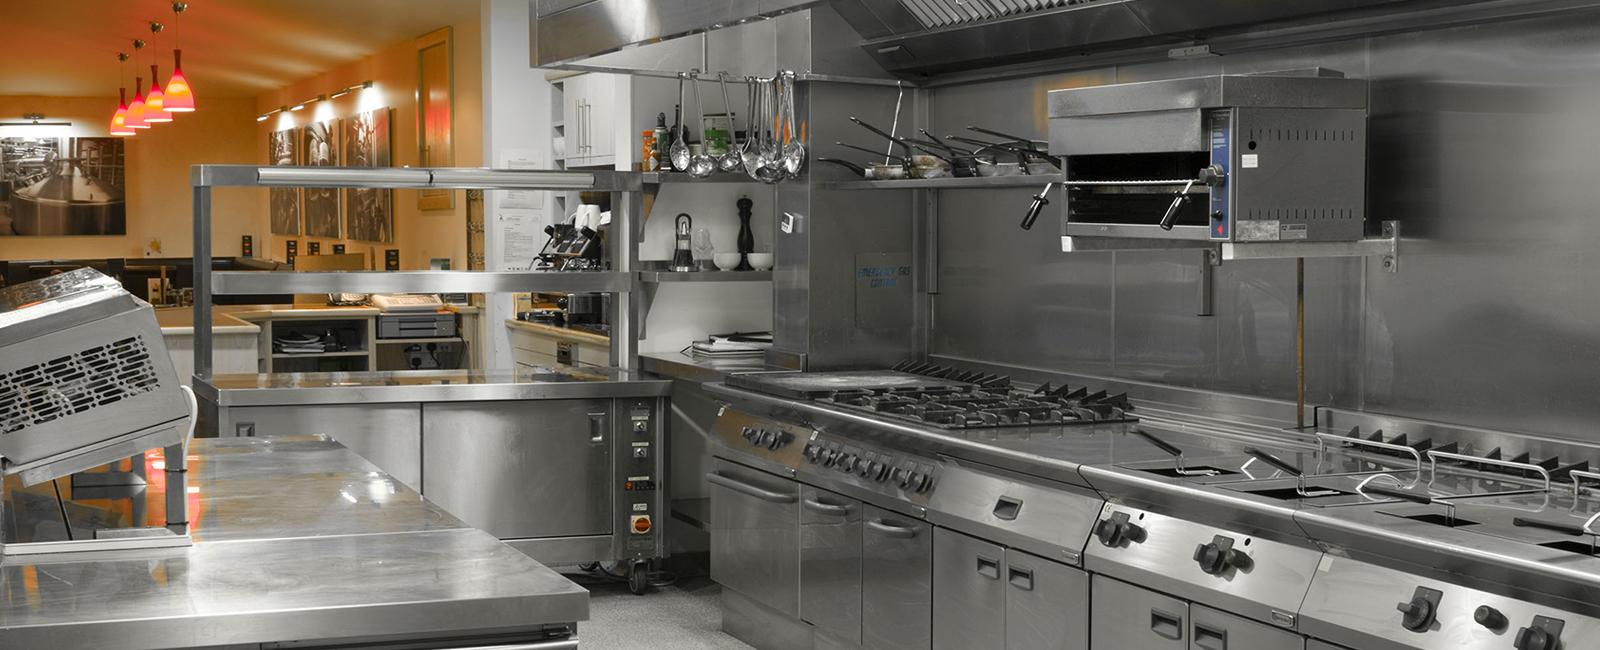 Commercial Cooker Birmingham